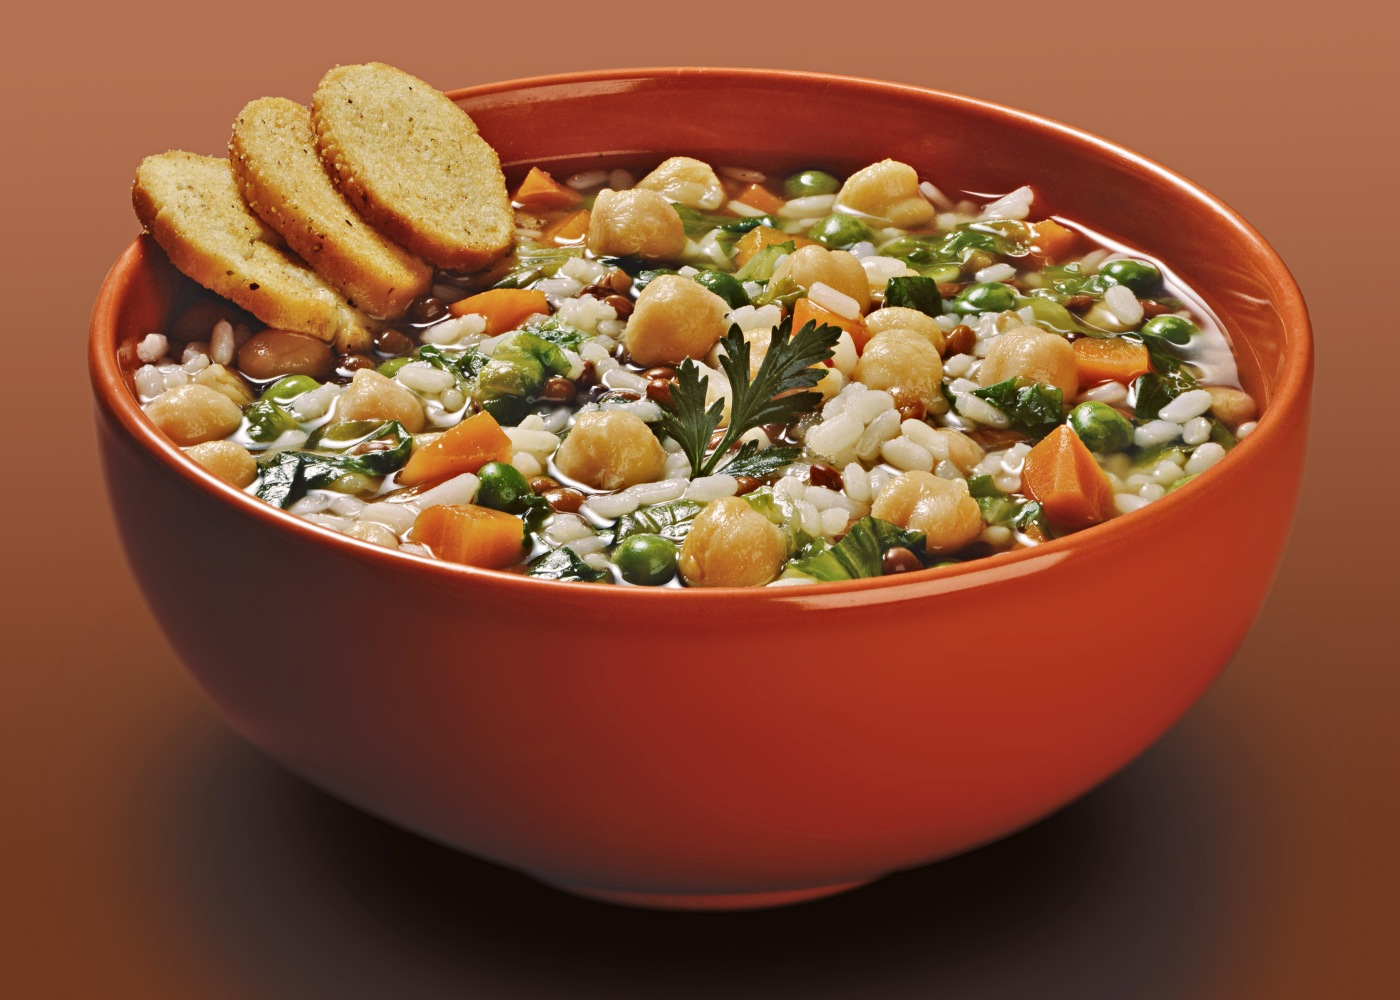 arroz de grão-de-bico e frango